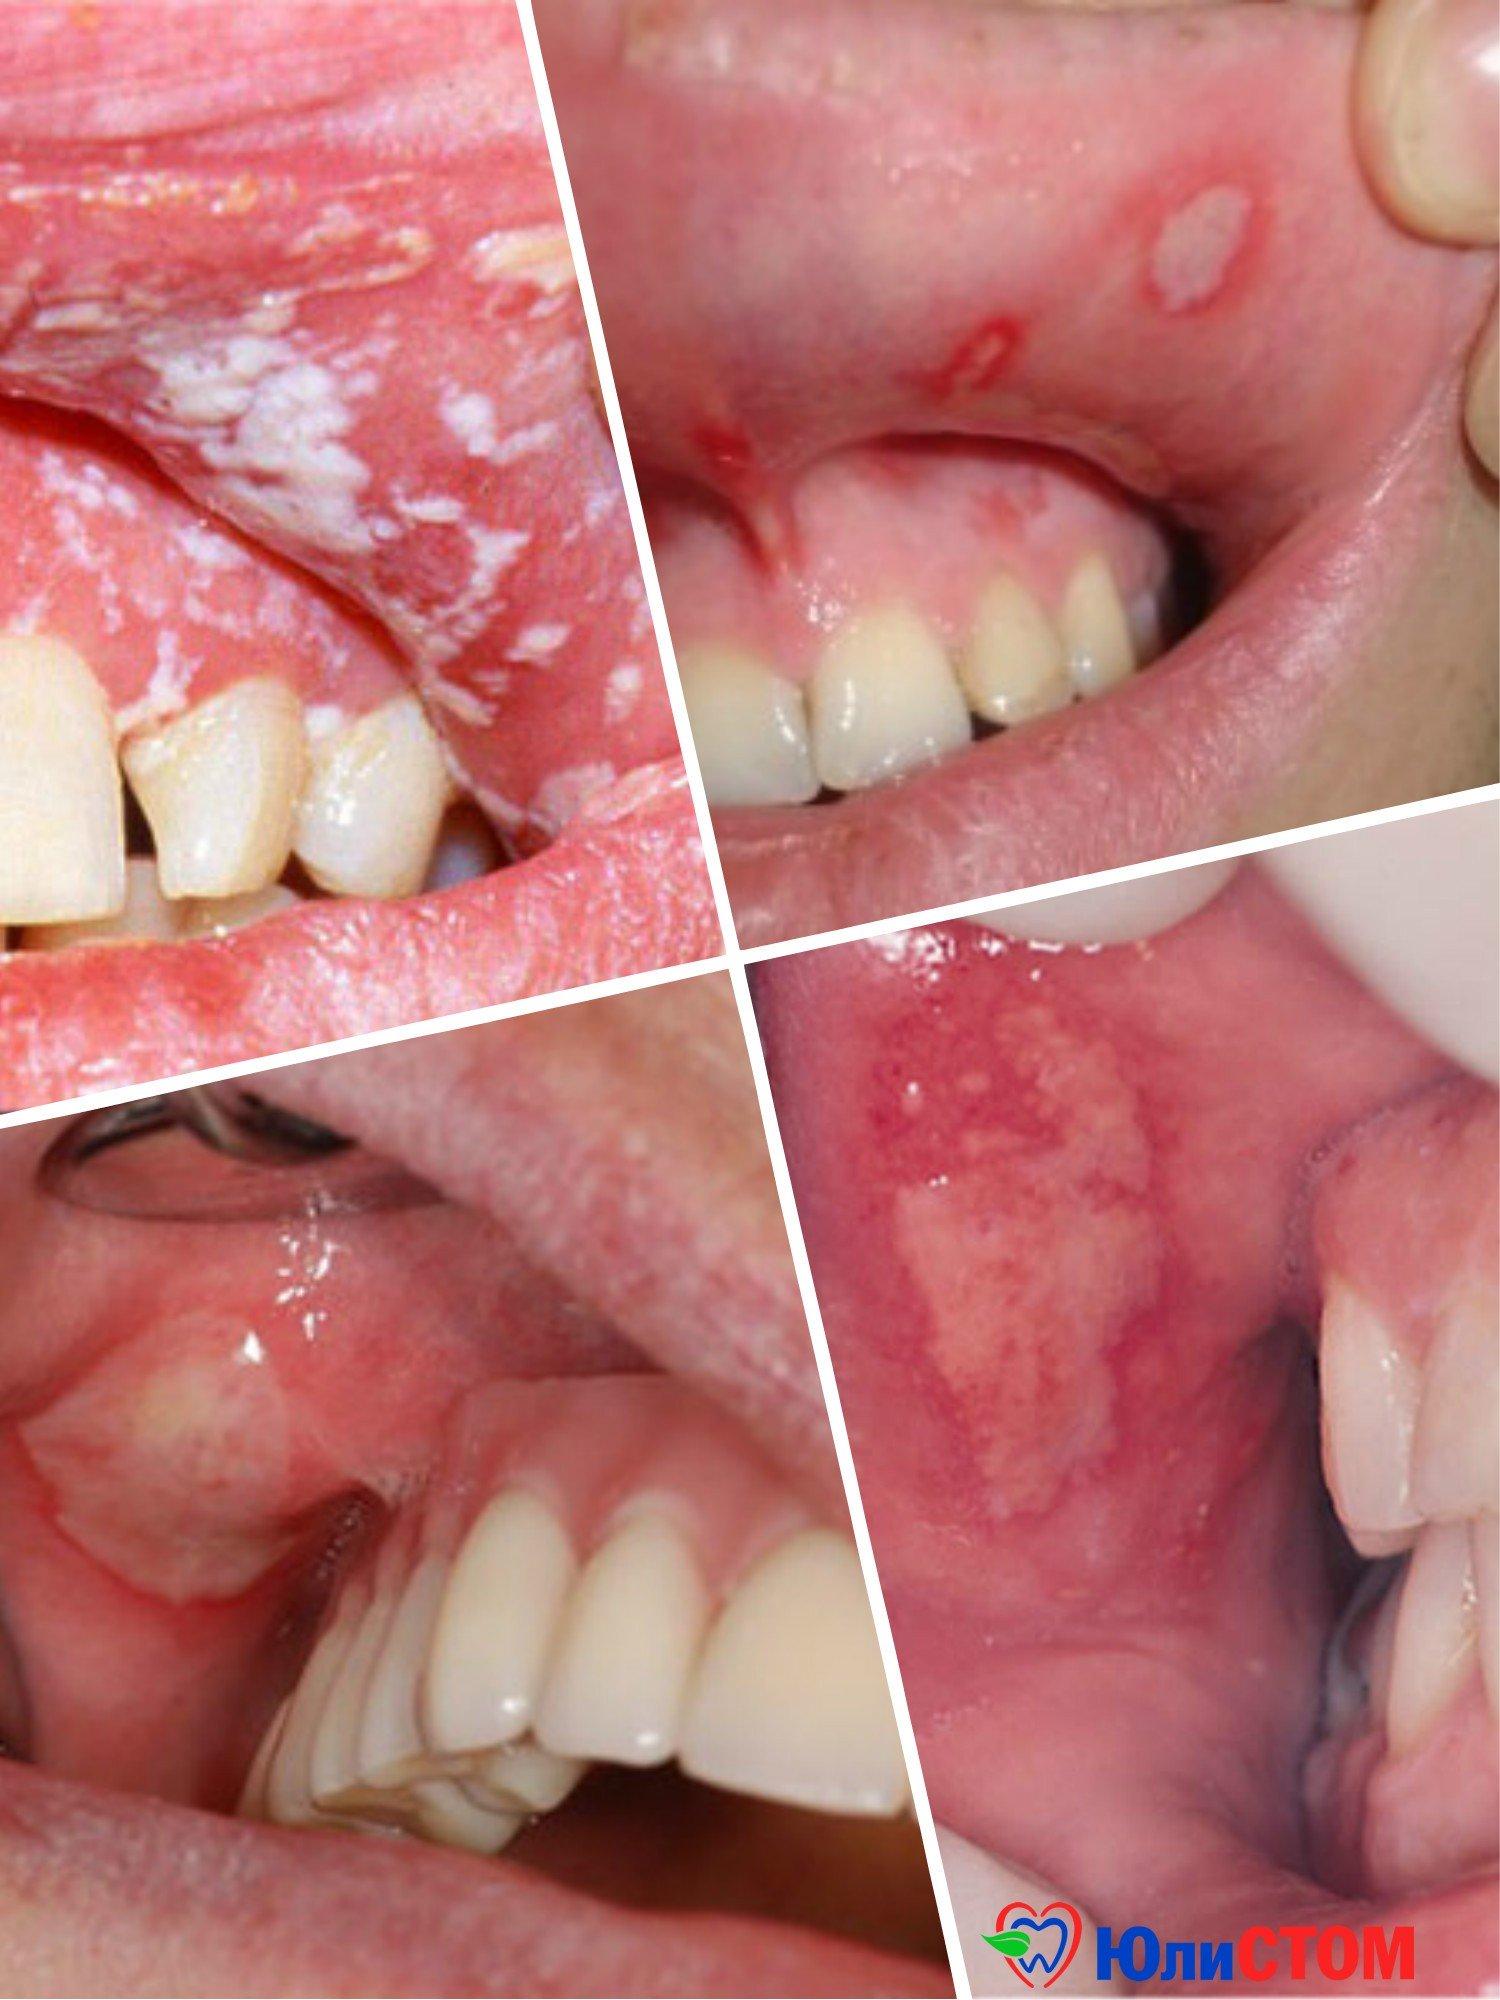 Язвенный стоматит: болезнь и лечение